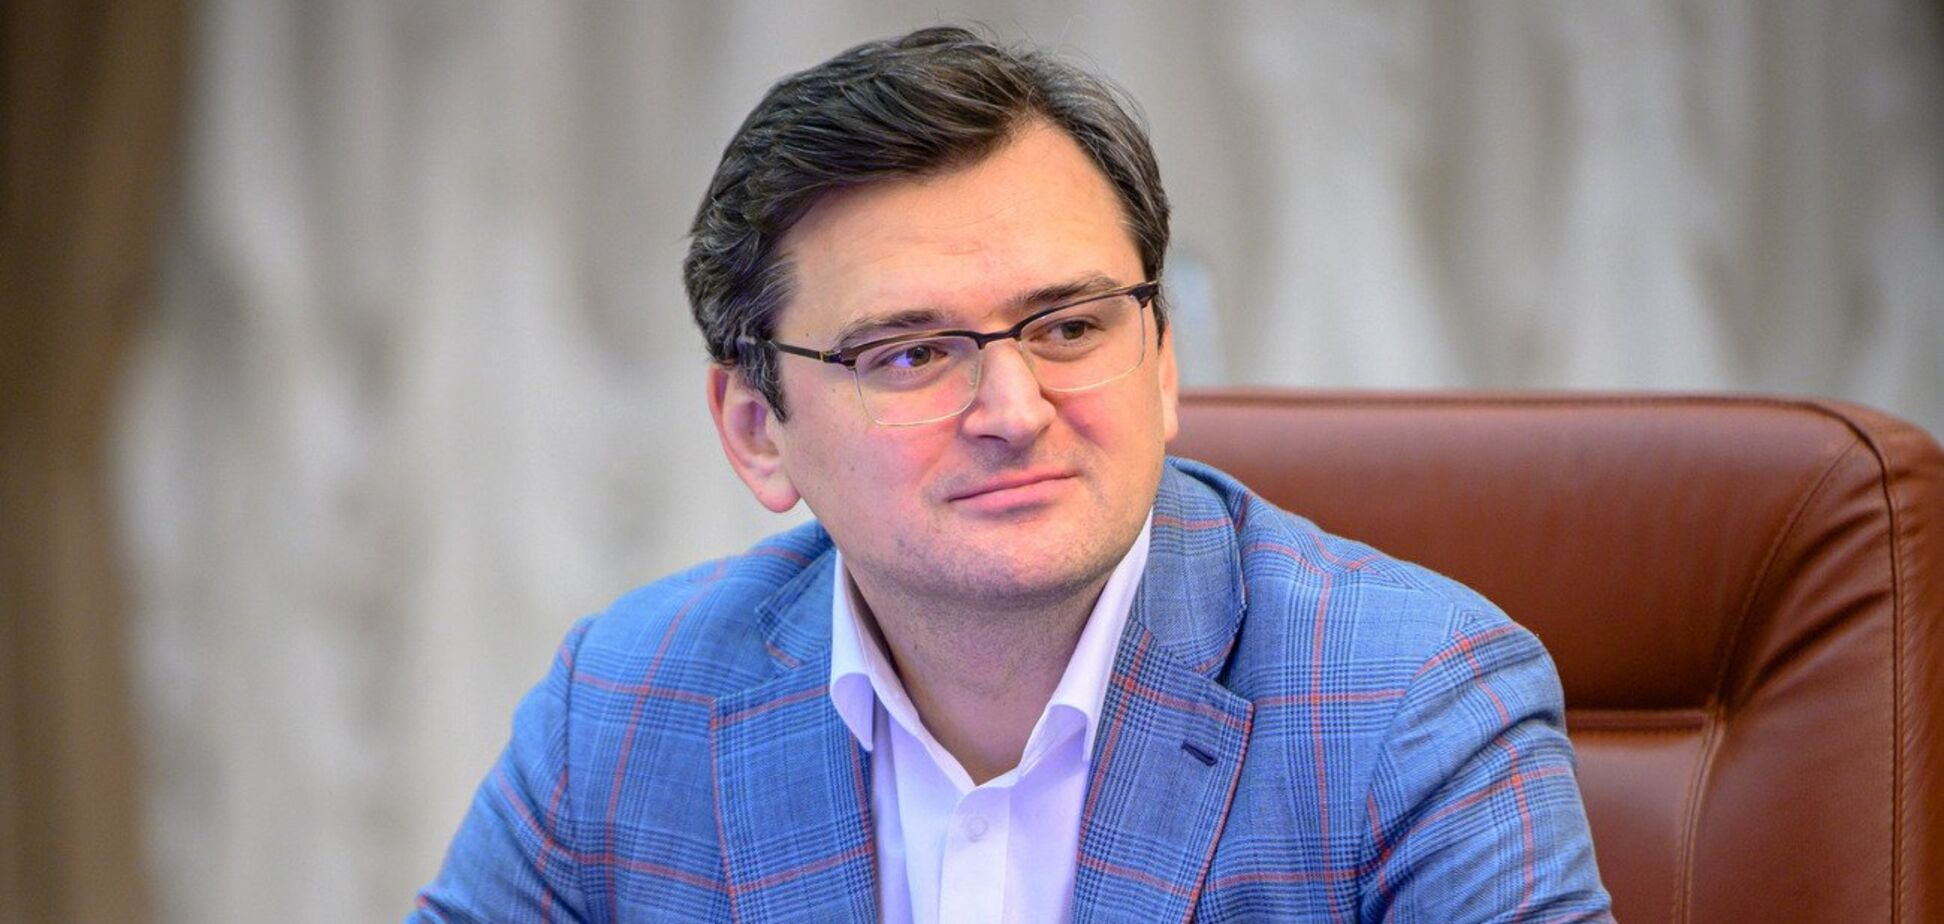 Дмитрий Кулеба объяснил цель фейка Лаврова об экстремистах из Украины в Беларуси